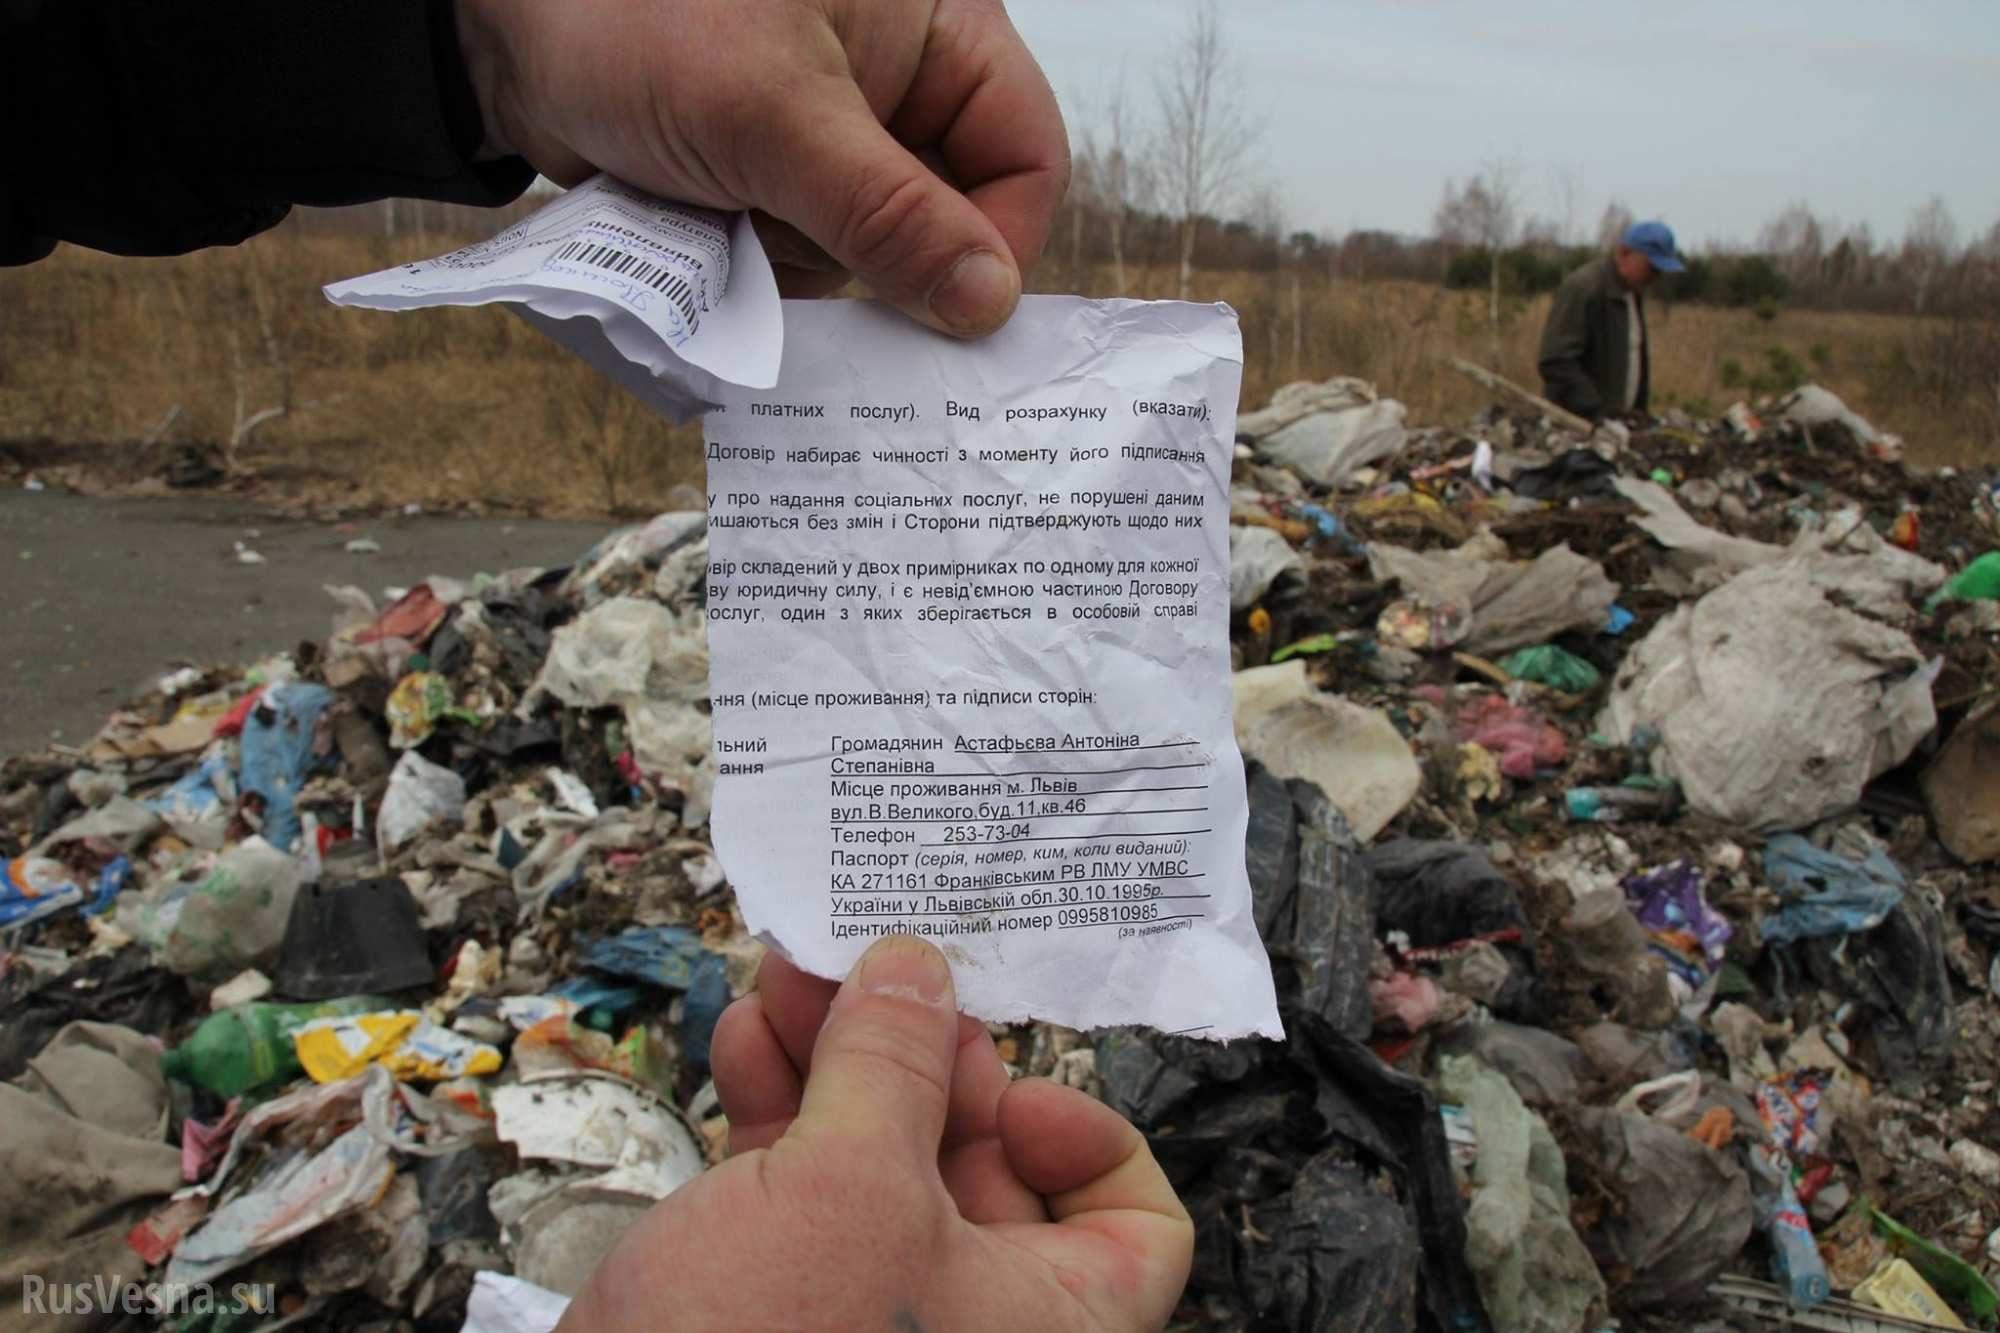 296748-2000x1333 Сміття зі Львова більше не подорожуватиме країною